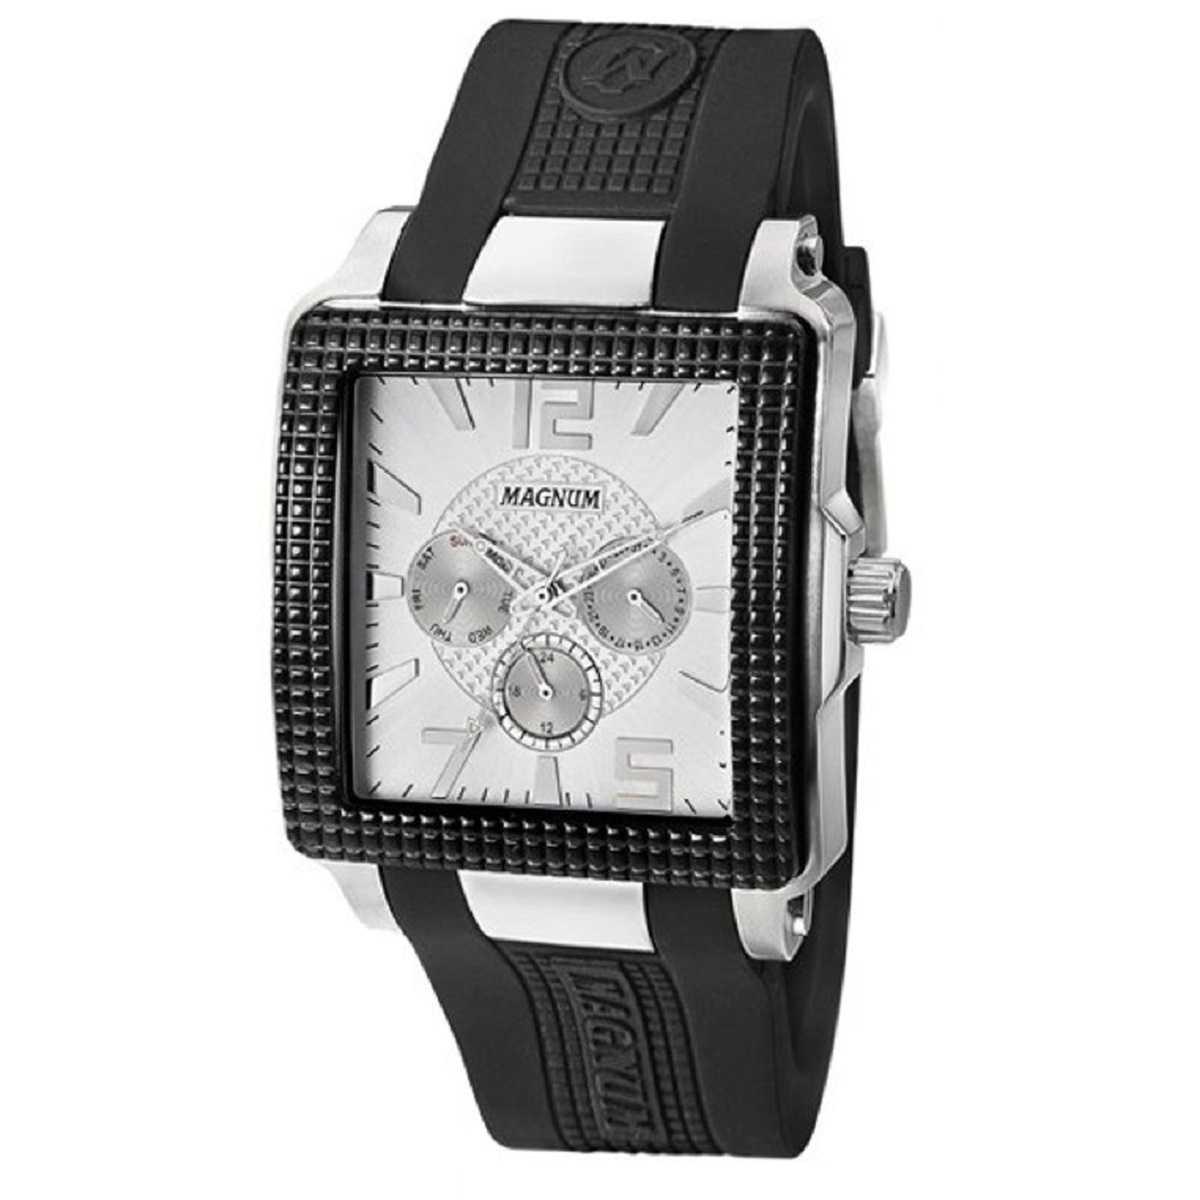 Relógio Magnum Masculino Analógico Quadrado Pulseira De Silicone Preto MA31882Q